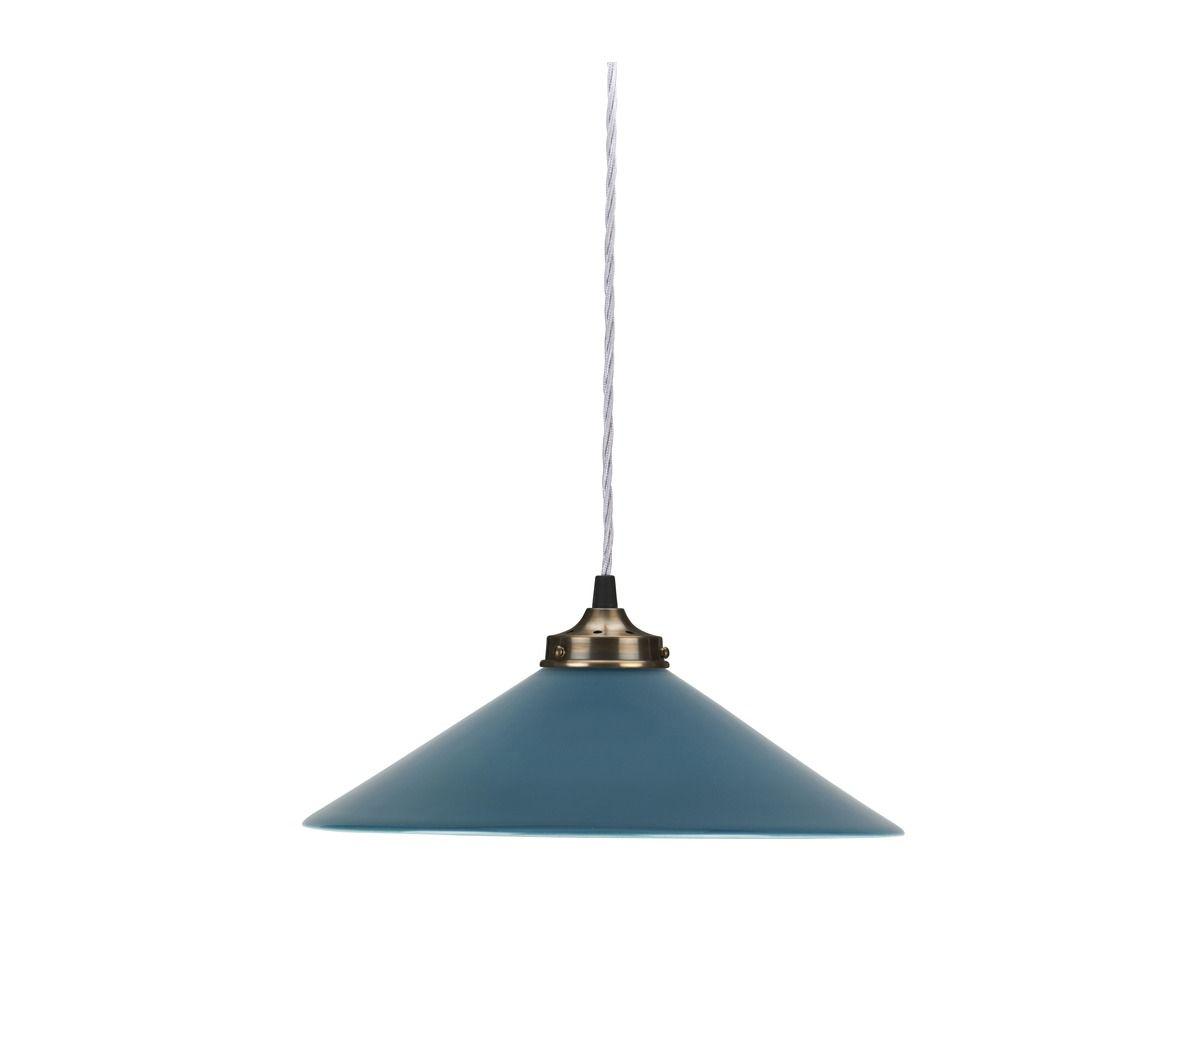 french house lighting. Lighting \u003e Pendant Ceramic Light - The French House G